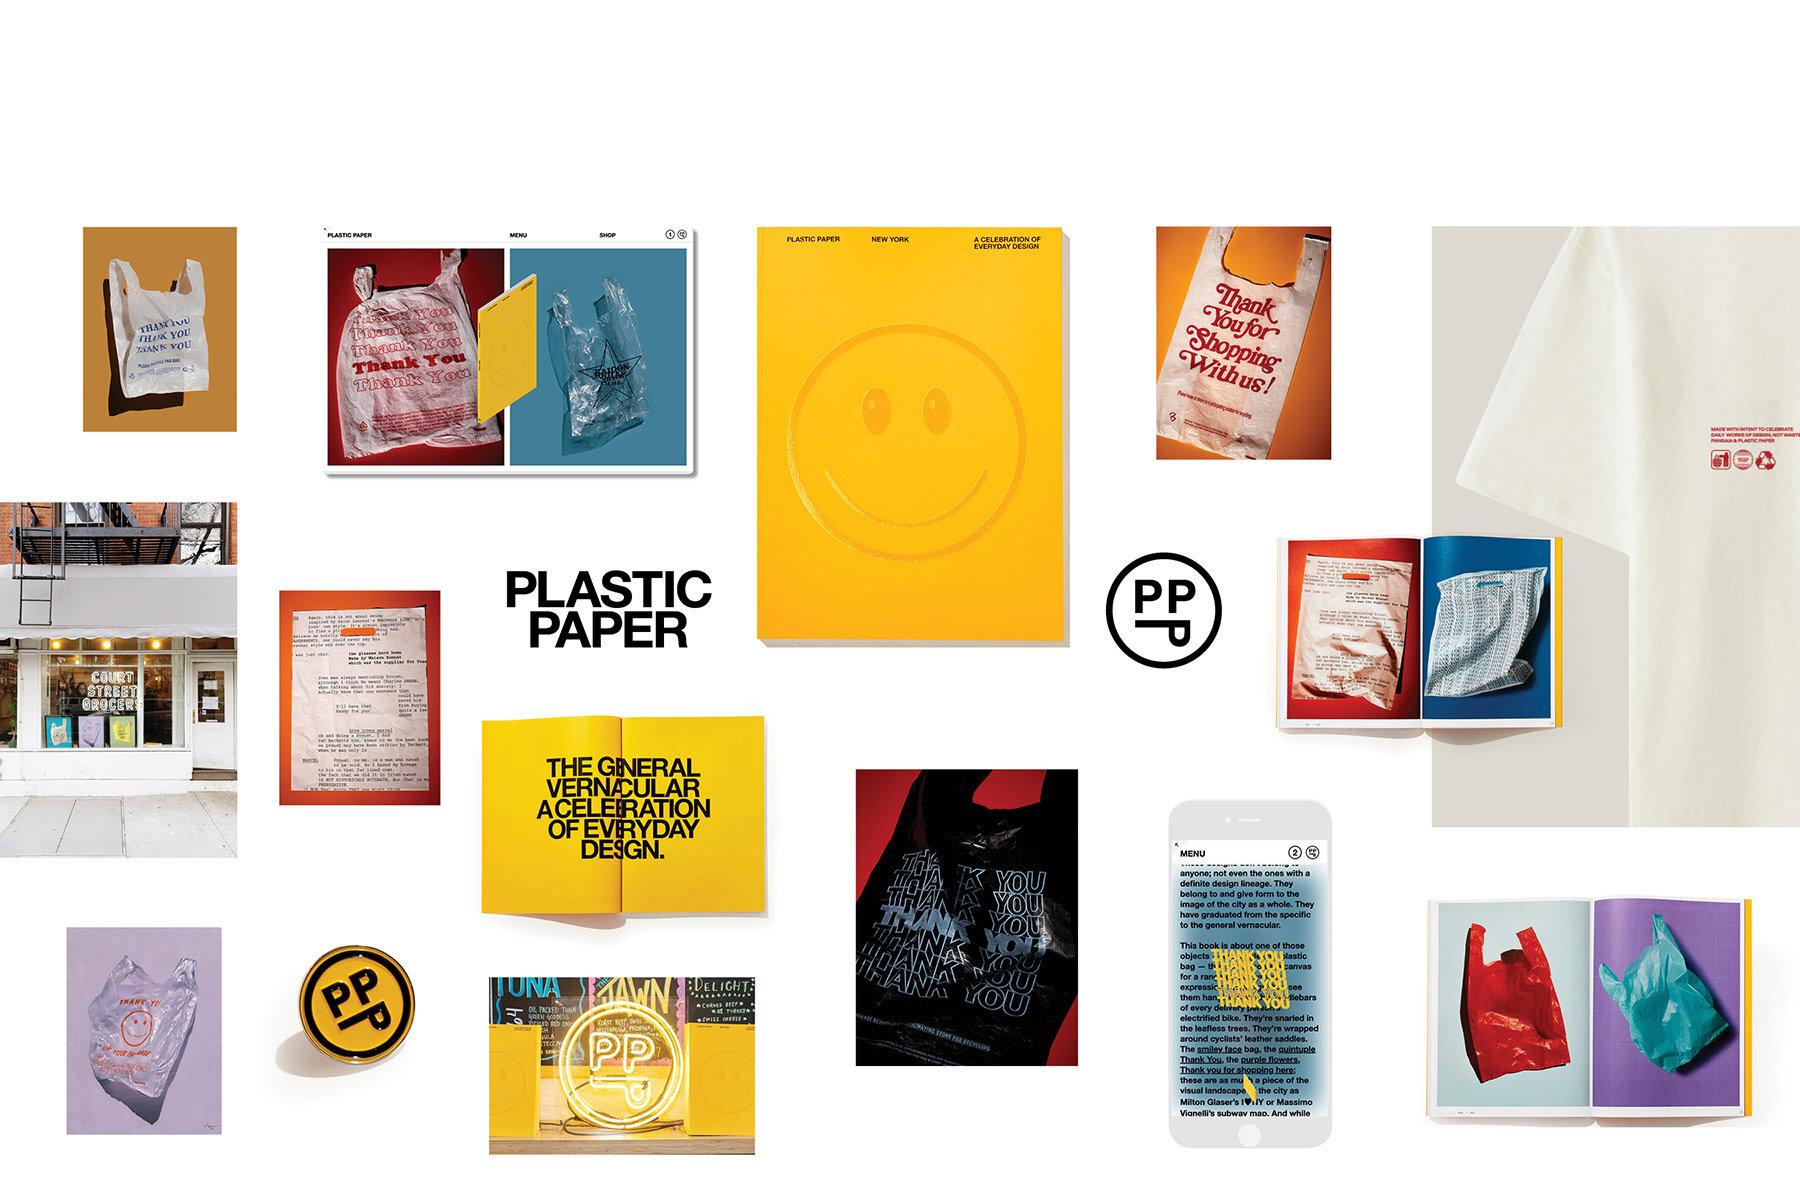 PH_Plastic_Paper_v2.jpg